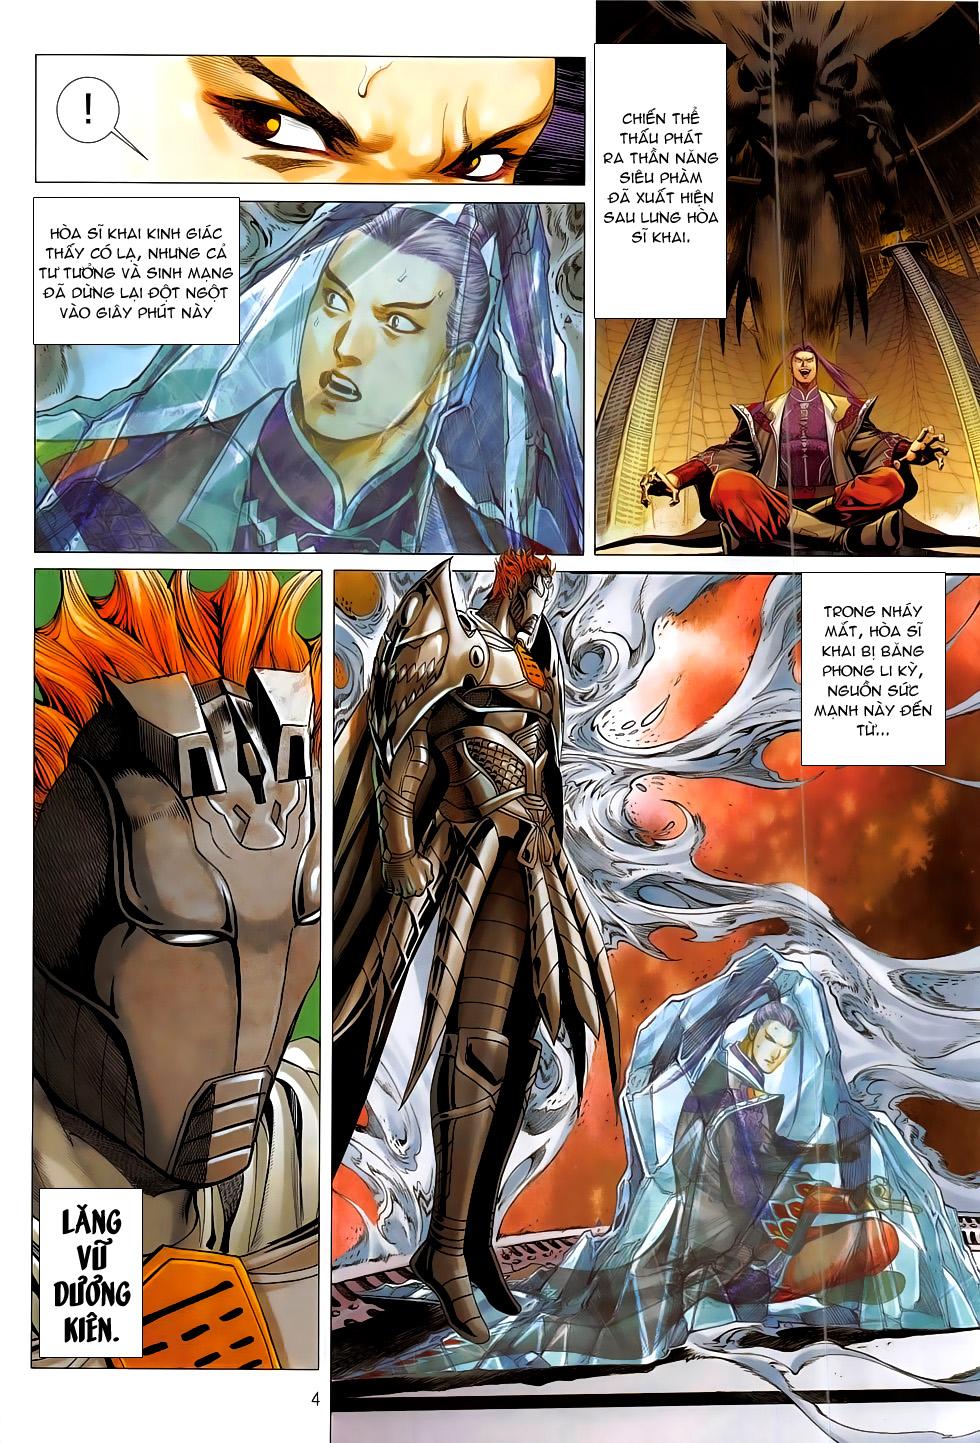 Chiến Phổ chap 19 - Trang 4